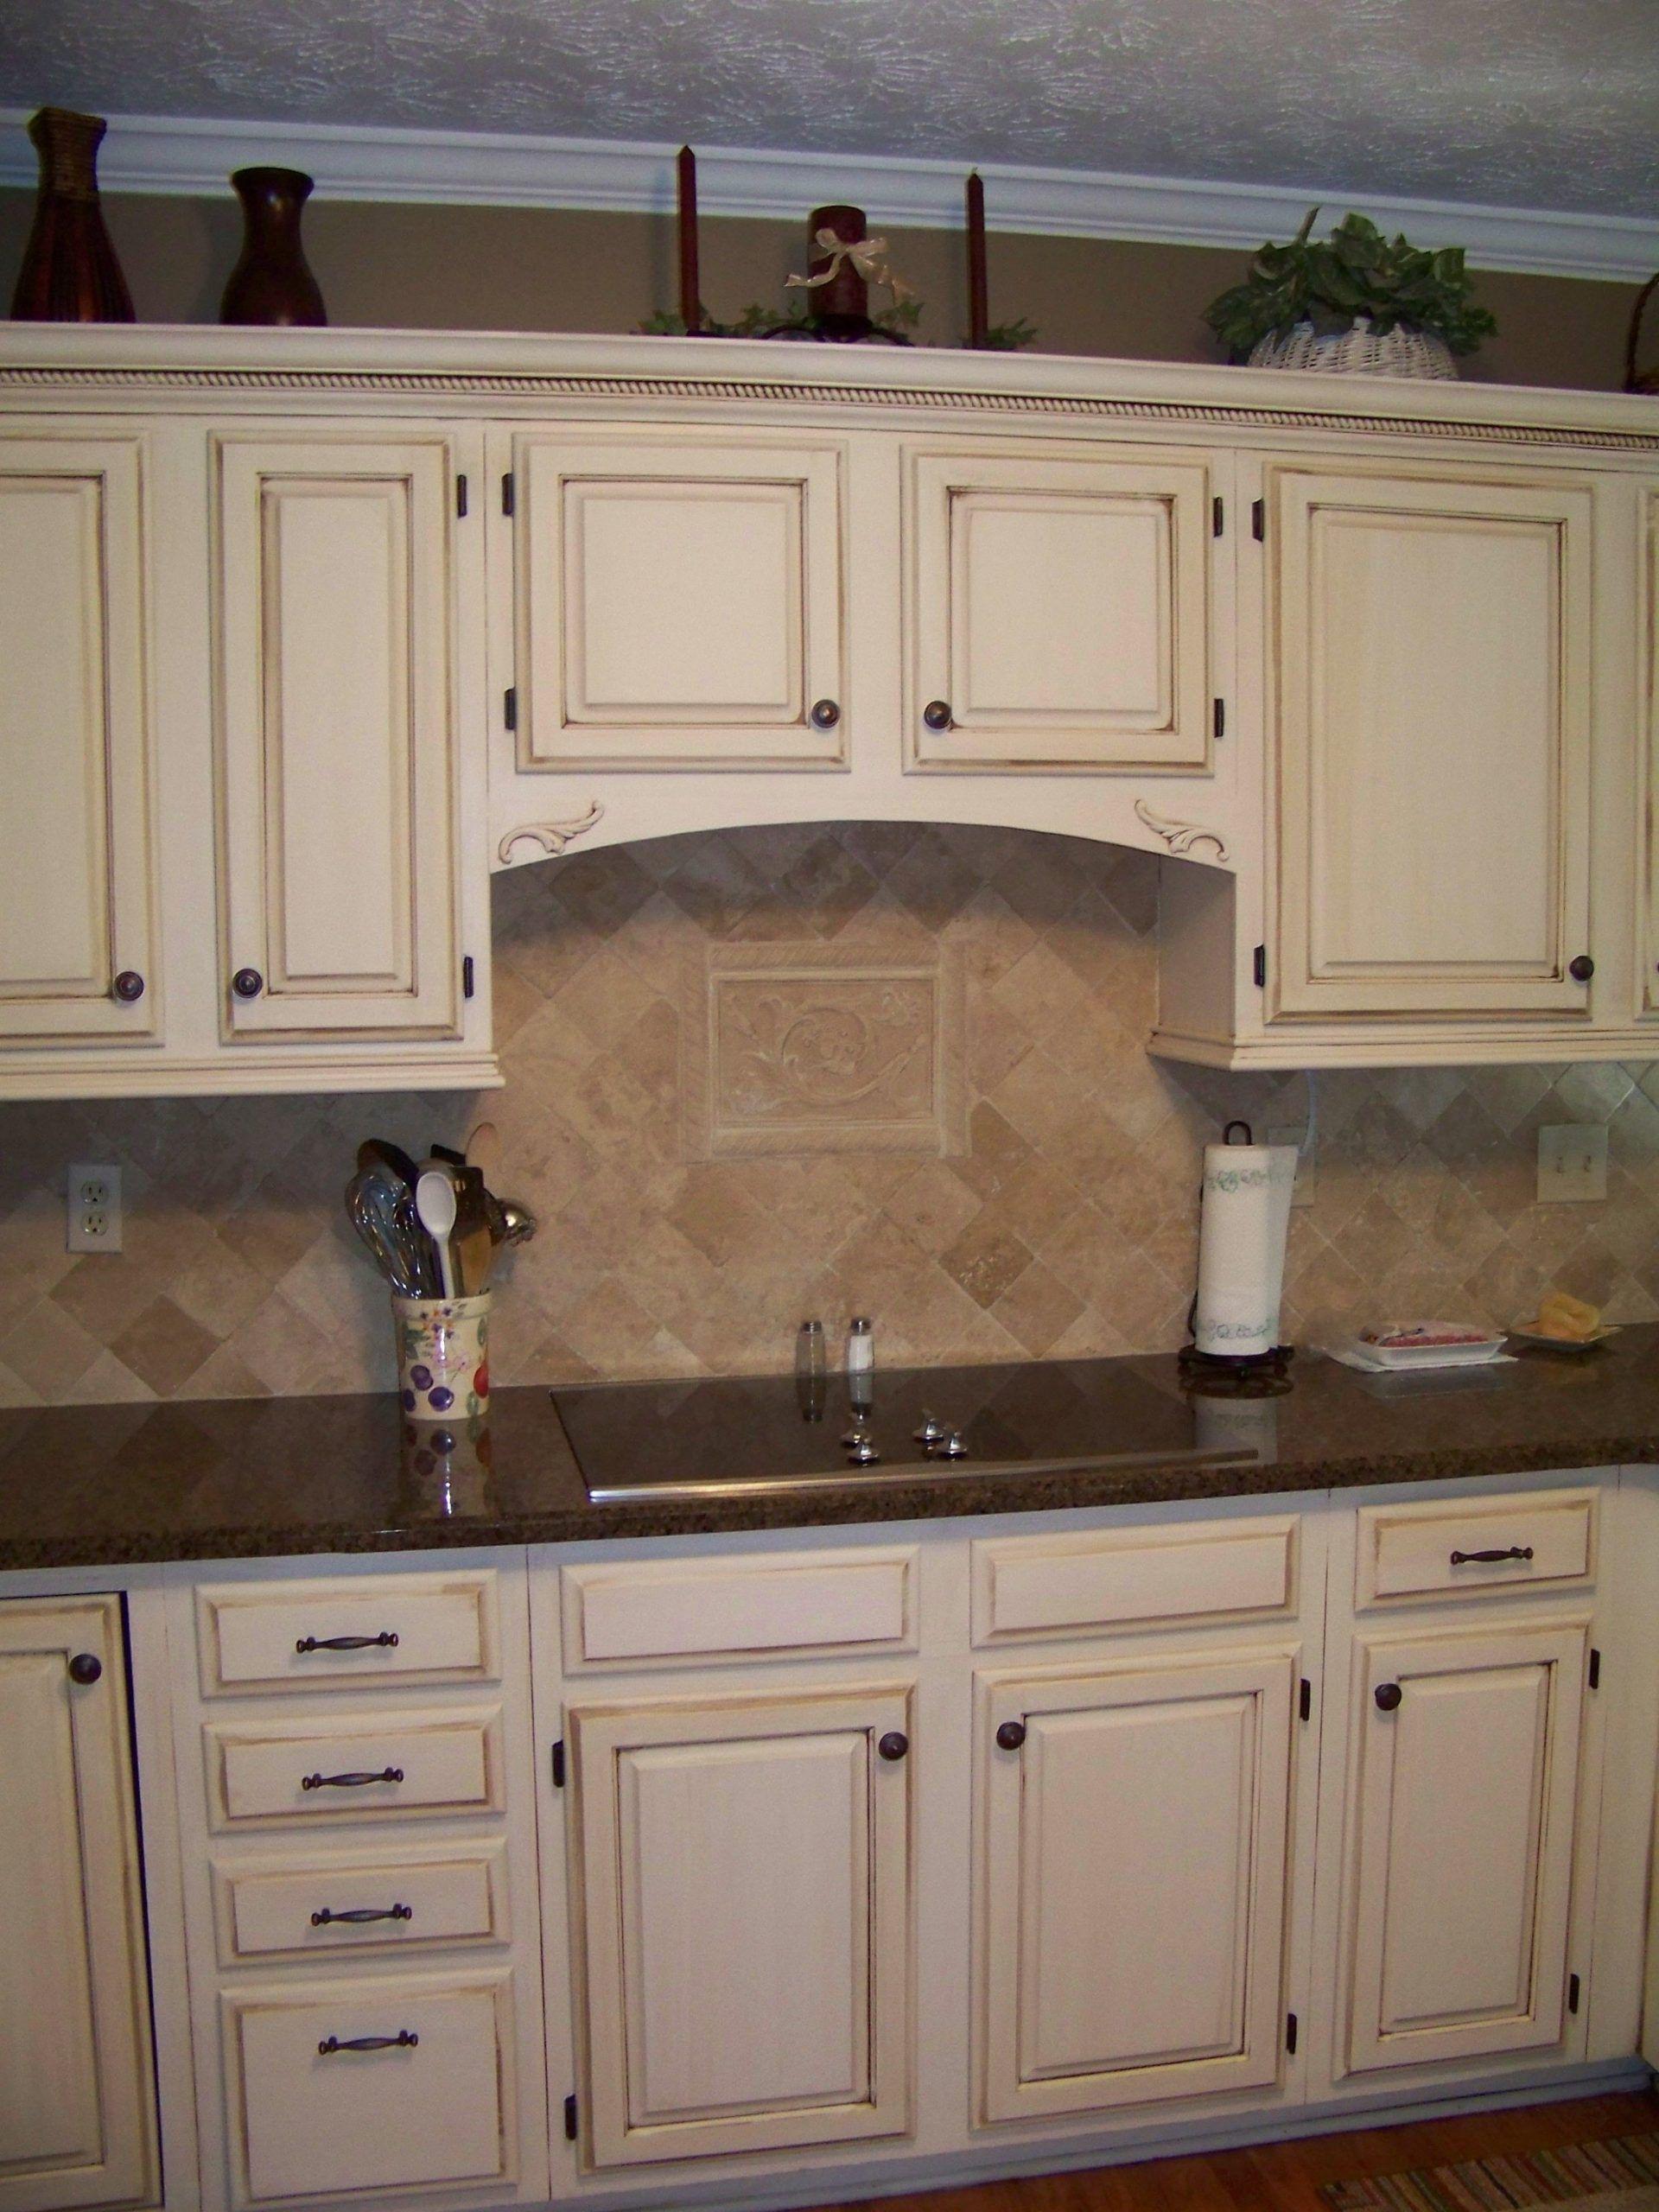 Cream Kitchen Cabinet Paint in 2020 | Antique kitchen ...